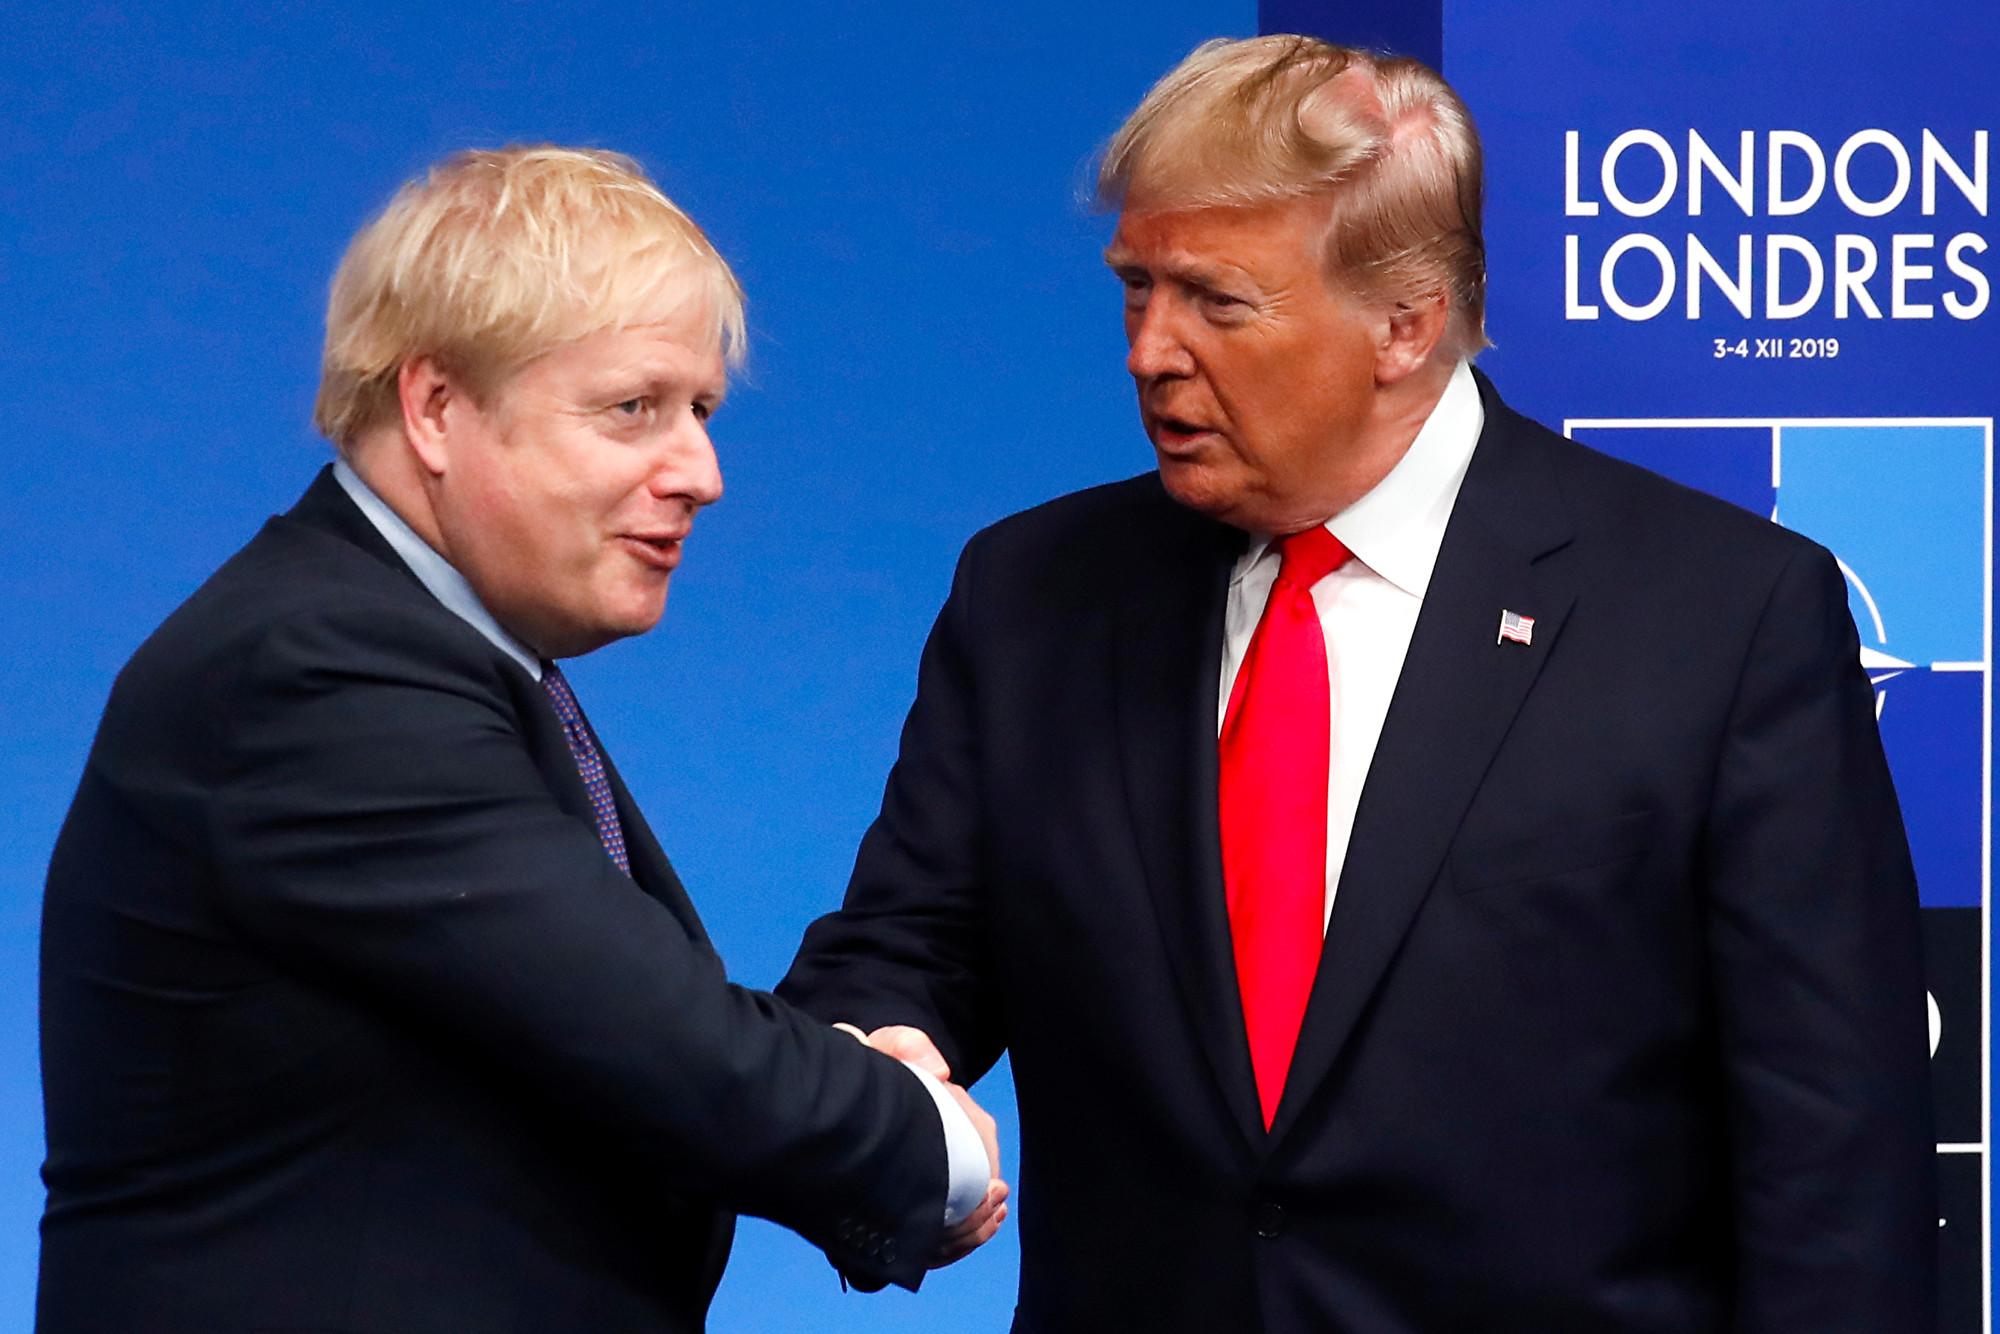 英國首相:特朗普新協議可替代伊朗核協議